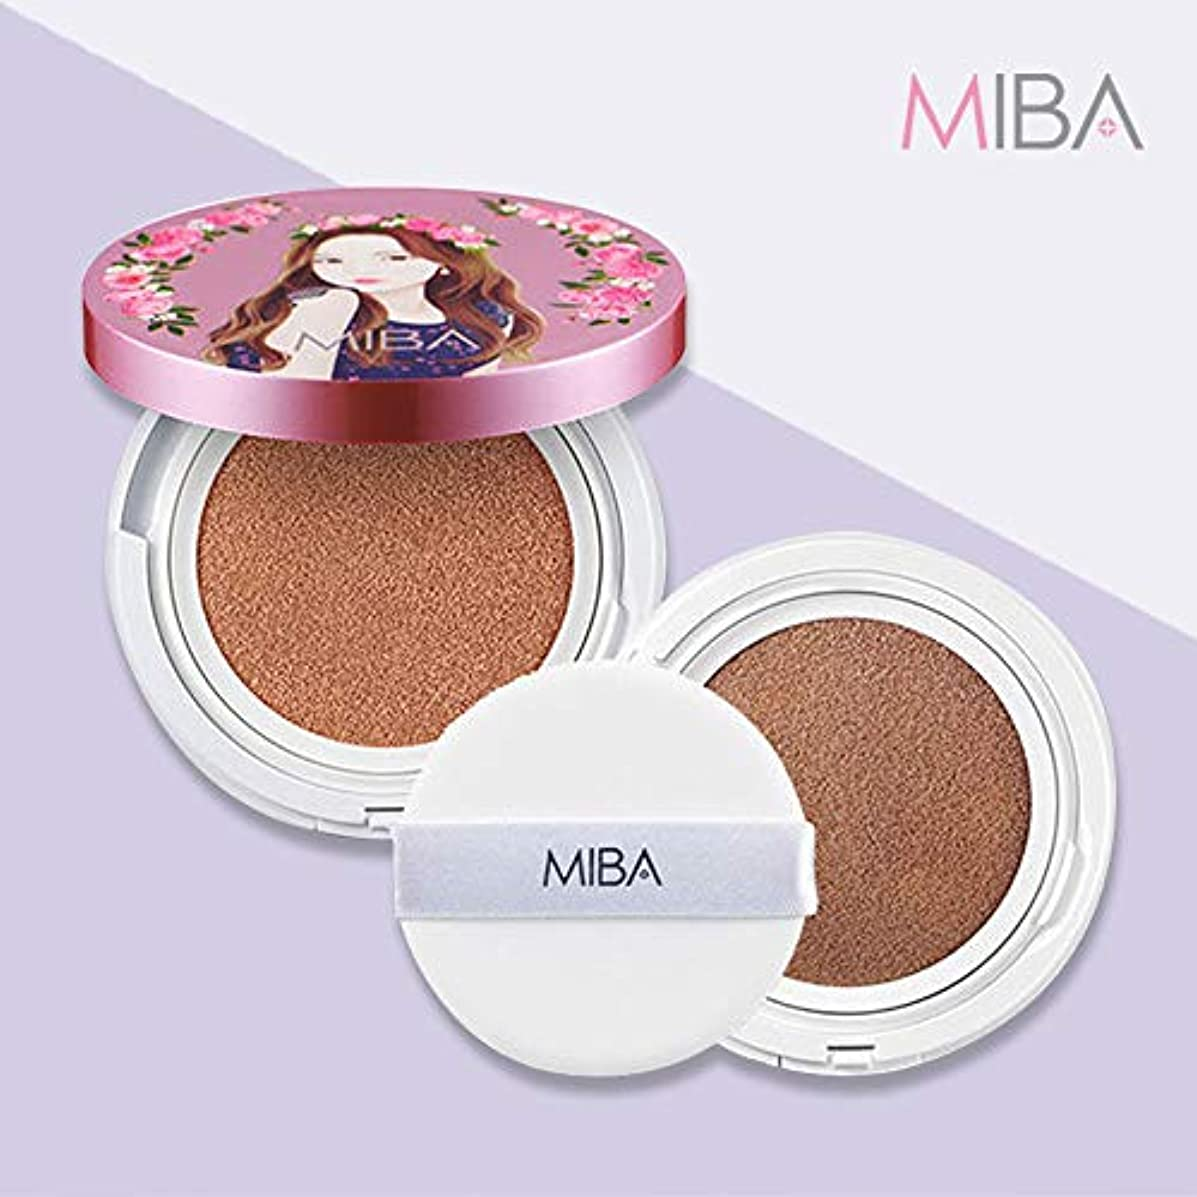 深くダメージ再集計【mineralbio】 MIBA ミバ イオンカルシウム ミネラルファンデーション ダブルクッション 本品+リフィル+パフ2枚 SPF50+/PA++++ 普通肌用 (Ion Calcium Foundation Double Cushion set 24g #23 Natural skin)